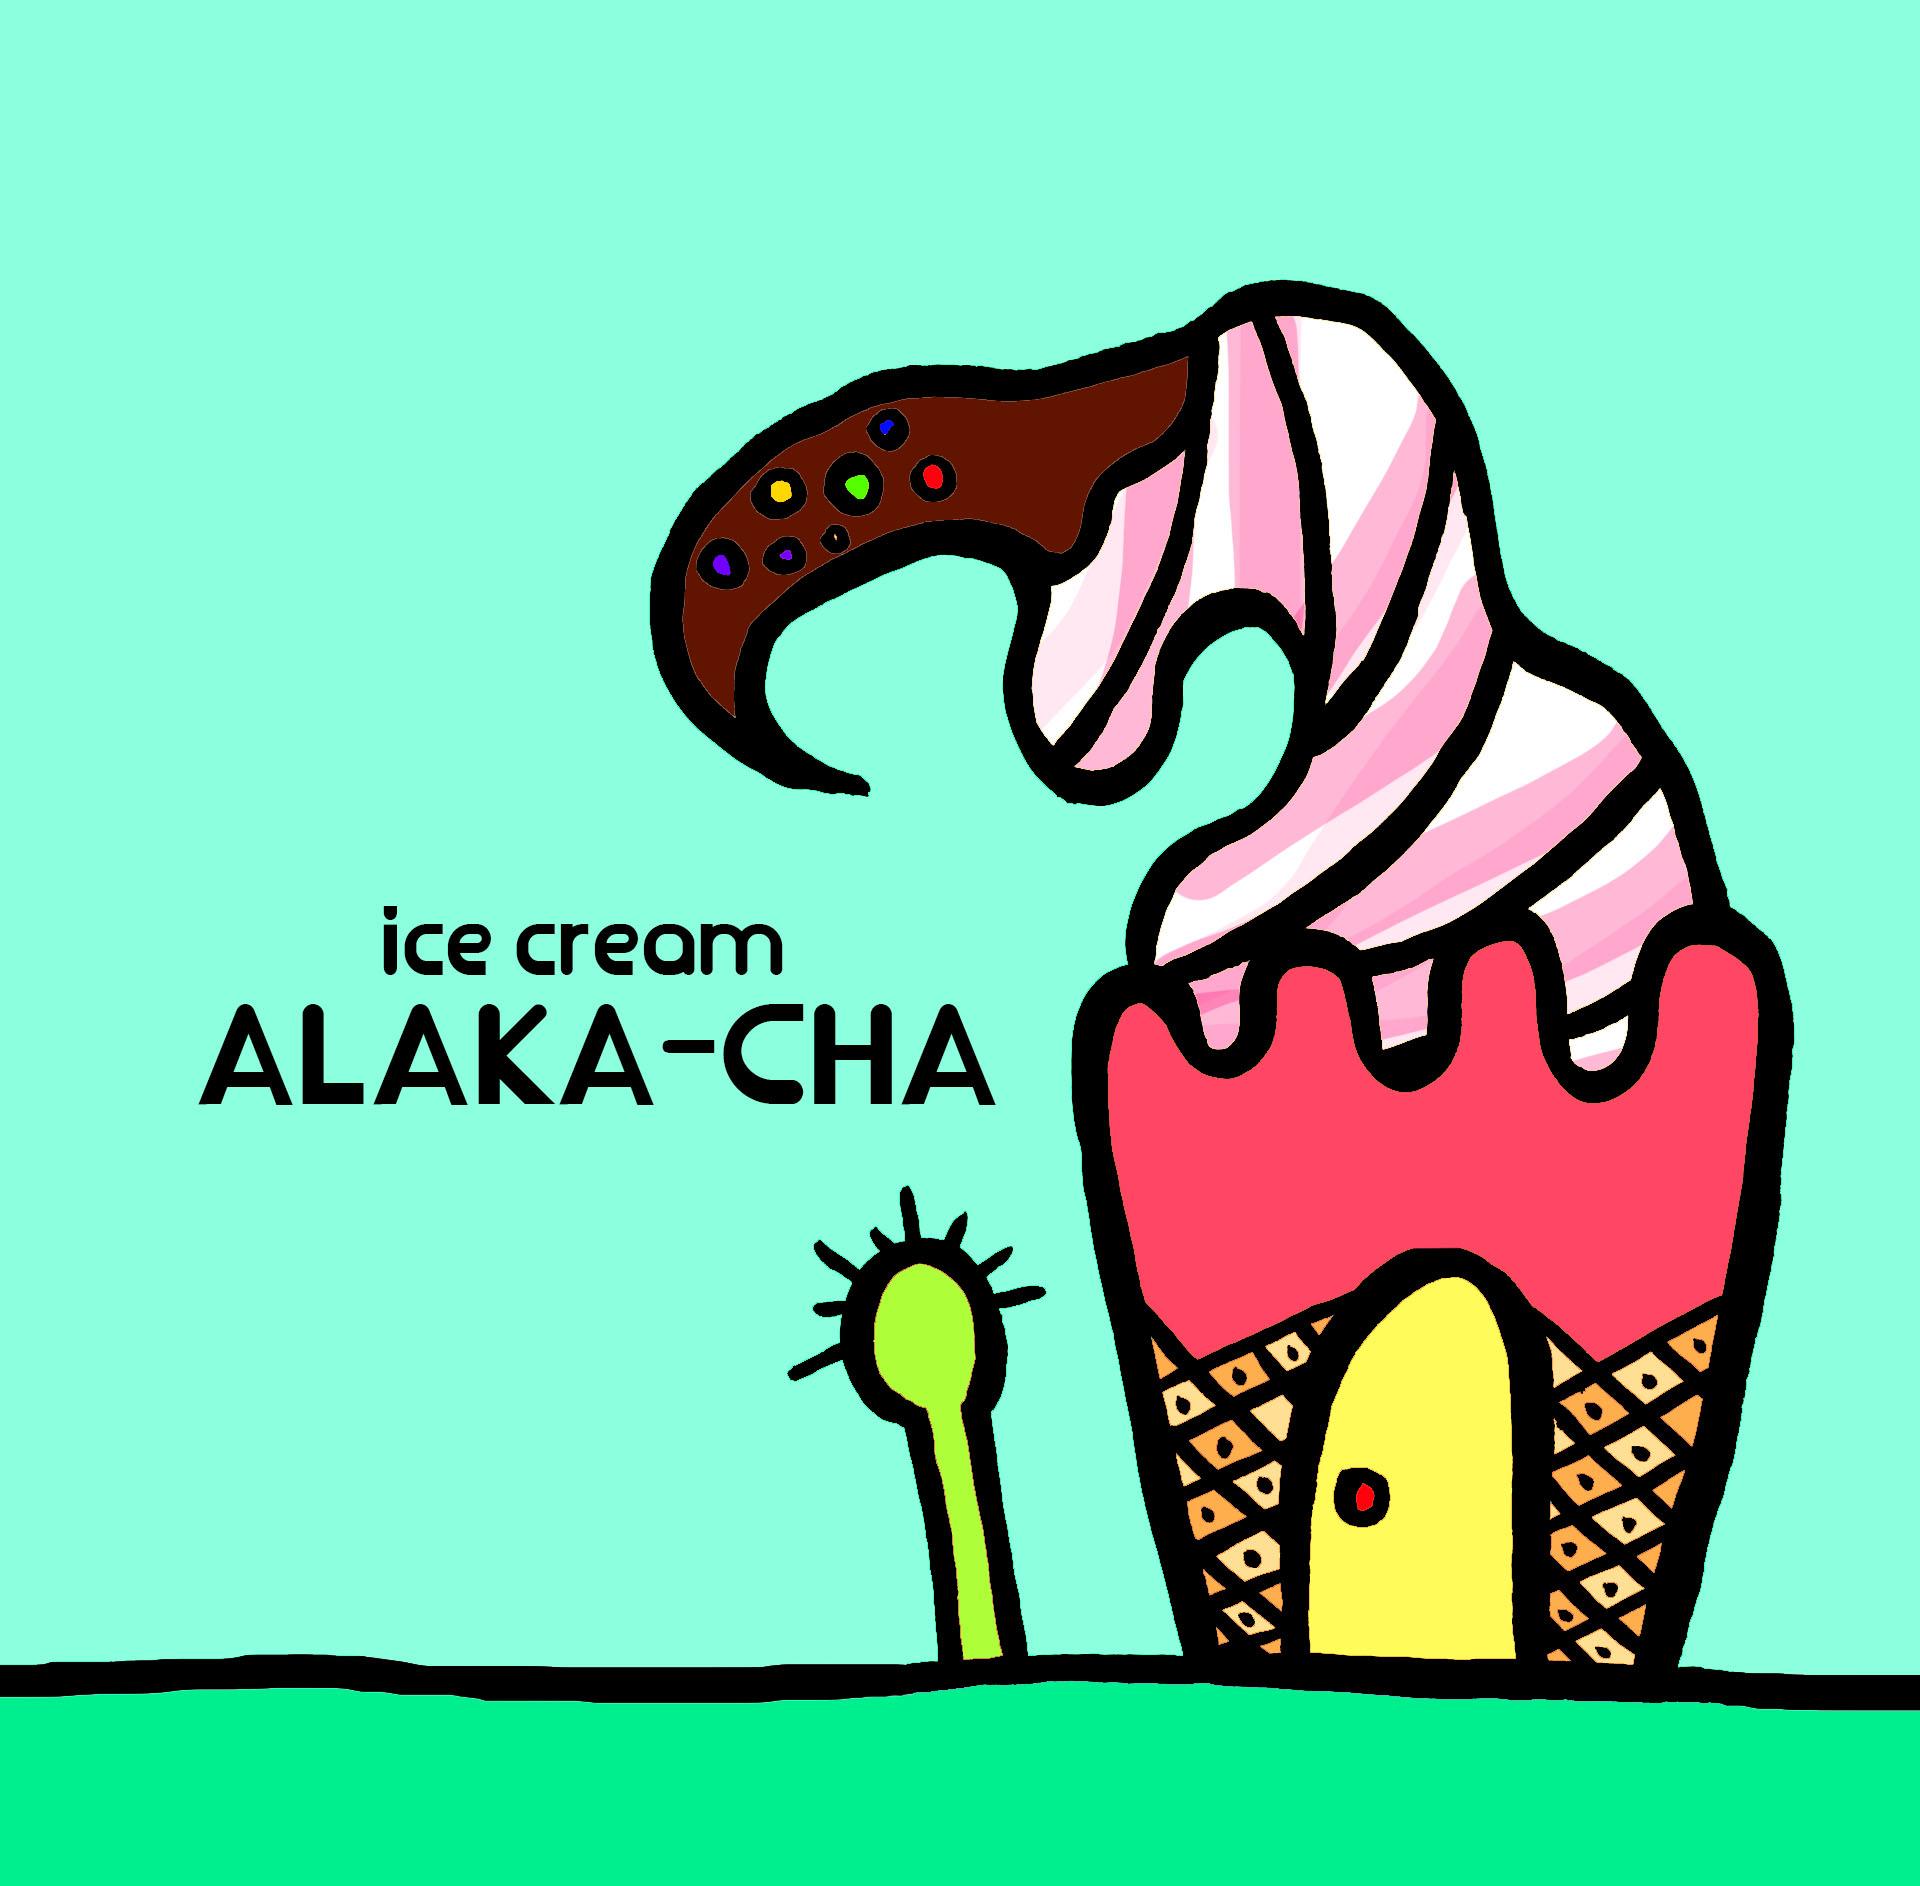 ALAKA-CHA